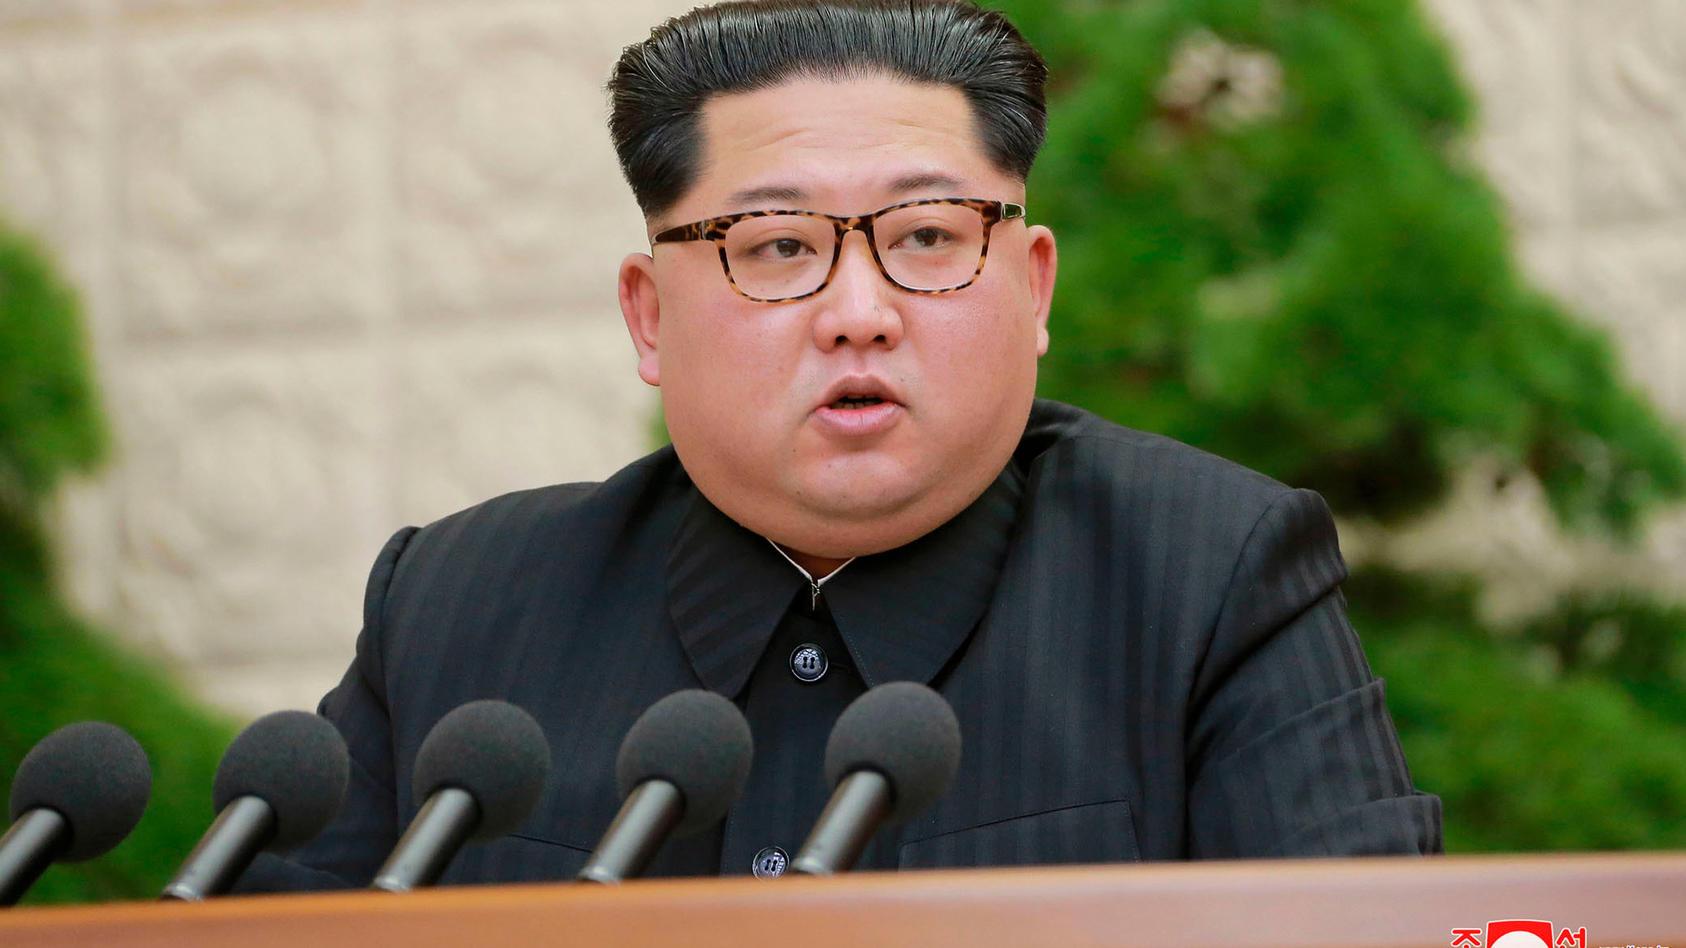 Kim Jong Un hat die Atom- und Raketentests seines Landes ausgesetzt,